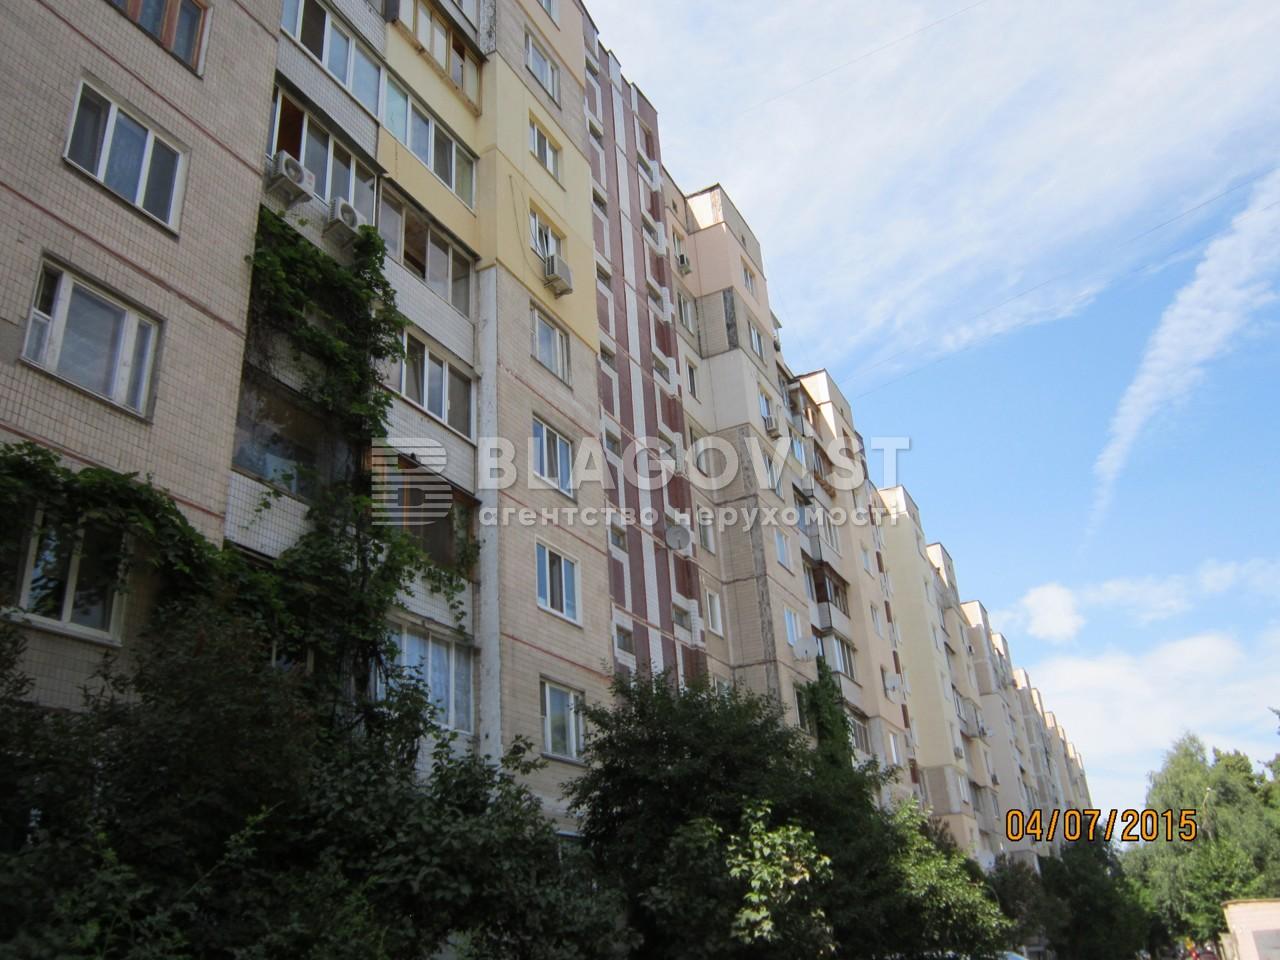 Нежилое помещение, H-33370, Кудряшова, Киев - Фото 1